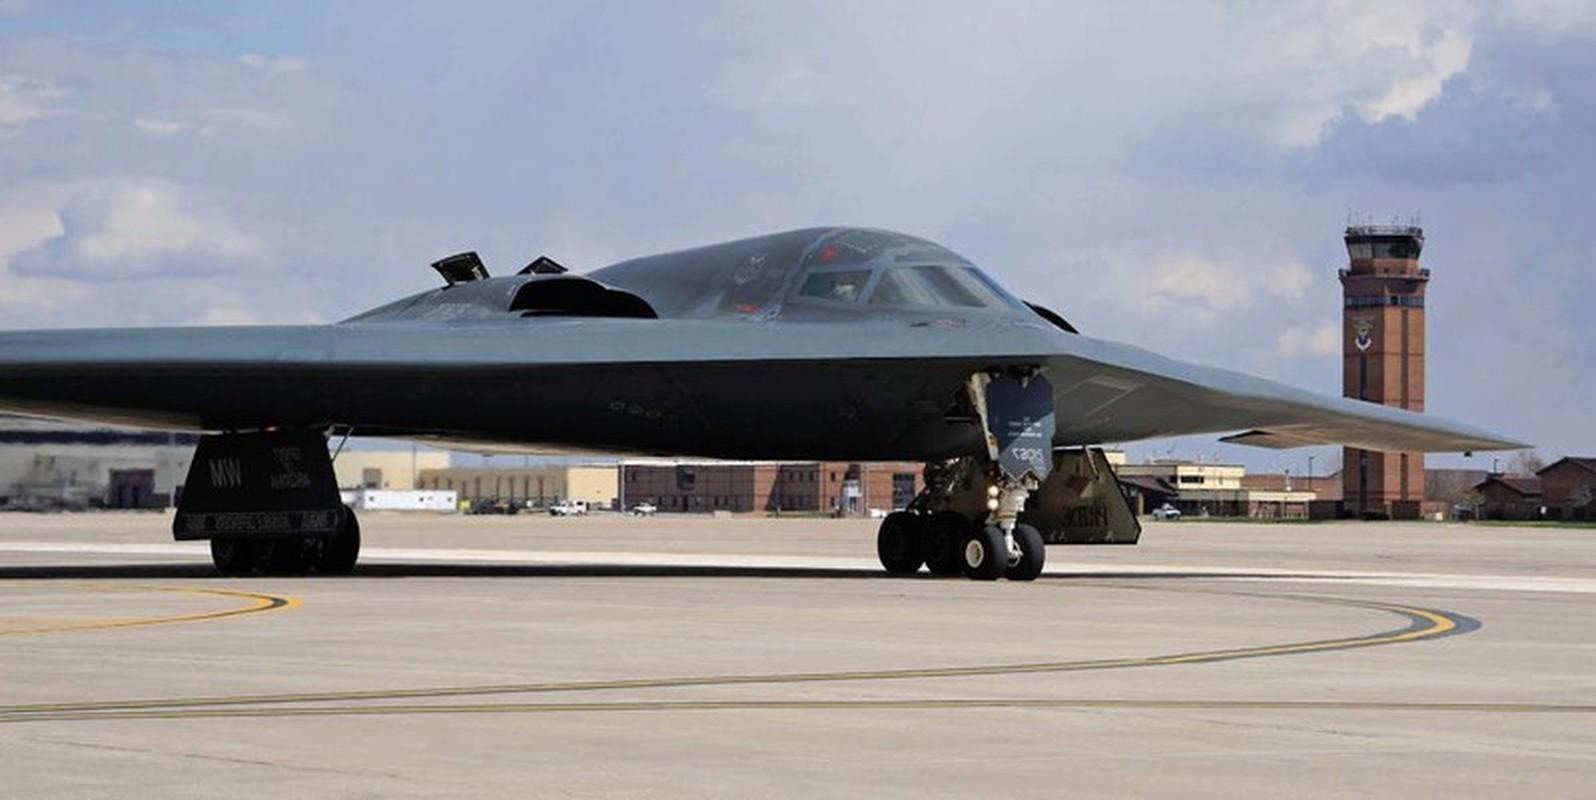 May bay nem bom B-21 co xuyen thung duoc he thong phong thu S-400?-Hinh-11